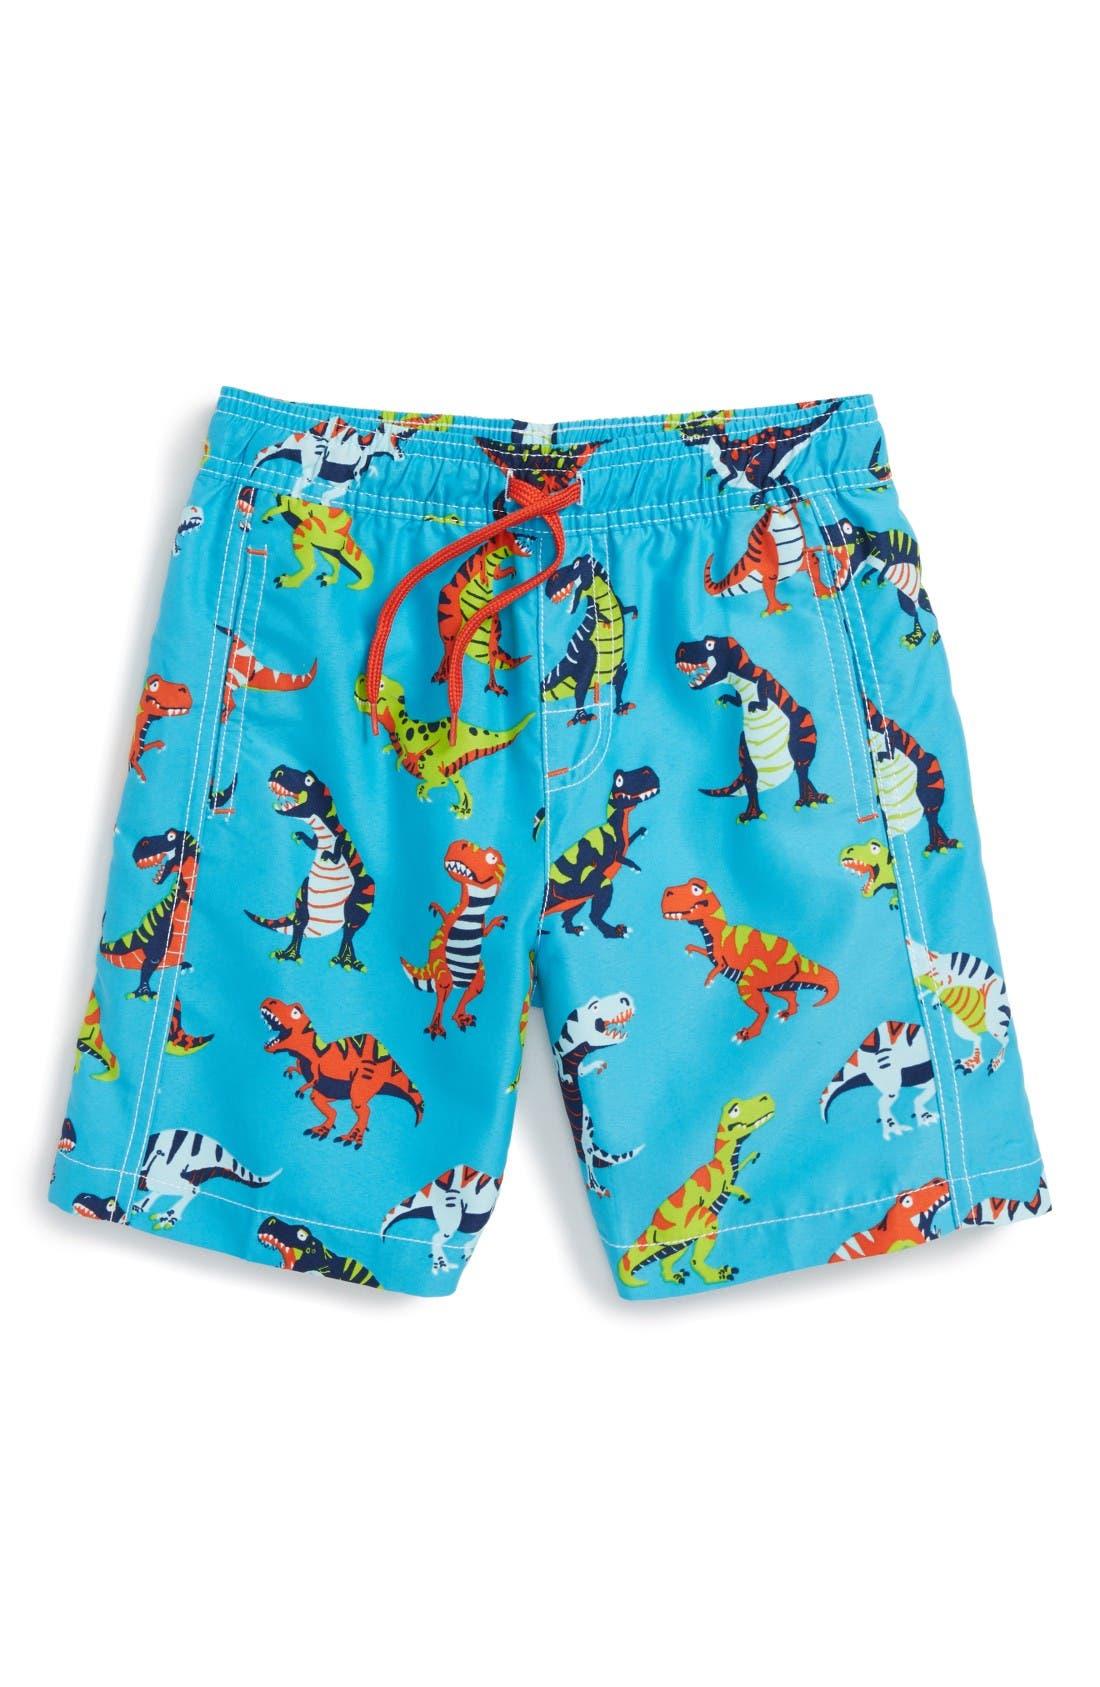 Alternate Image 1 Selected - Hatley Roaring T-Rex Swim Trunks (Toddler Boys & Little Boys)